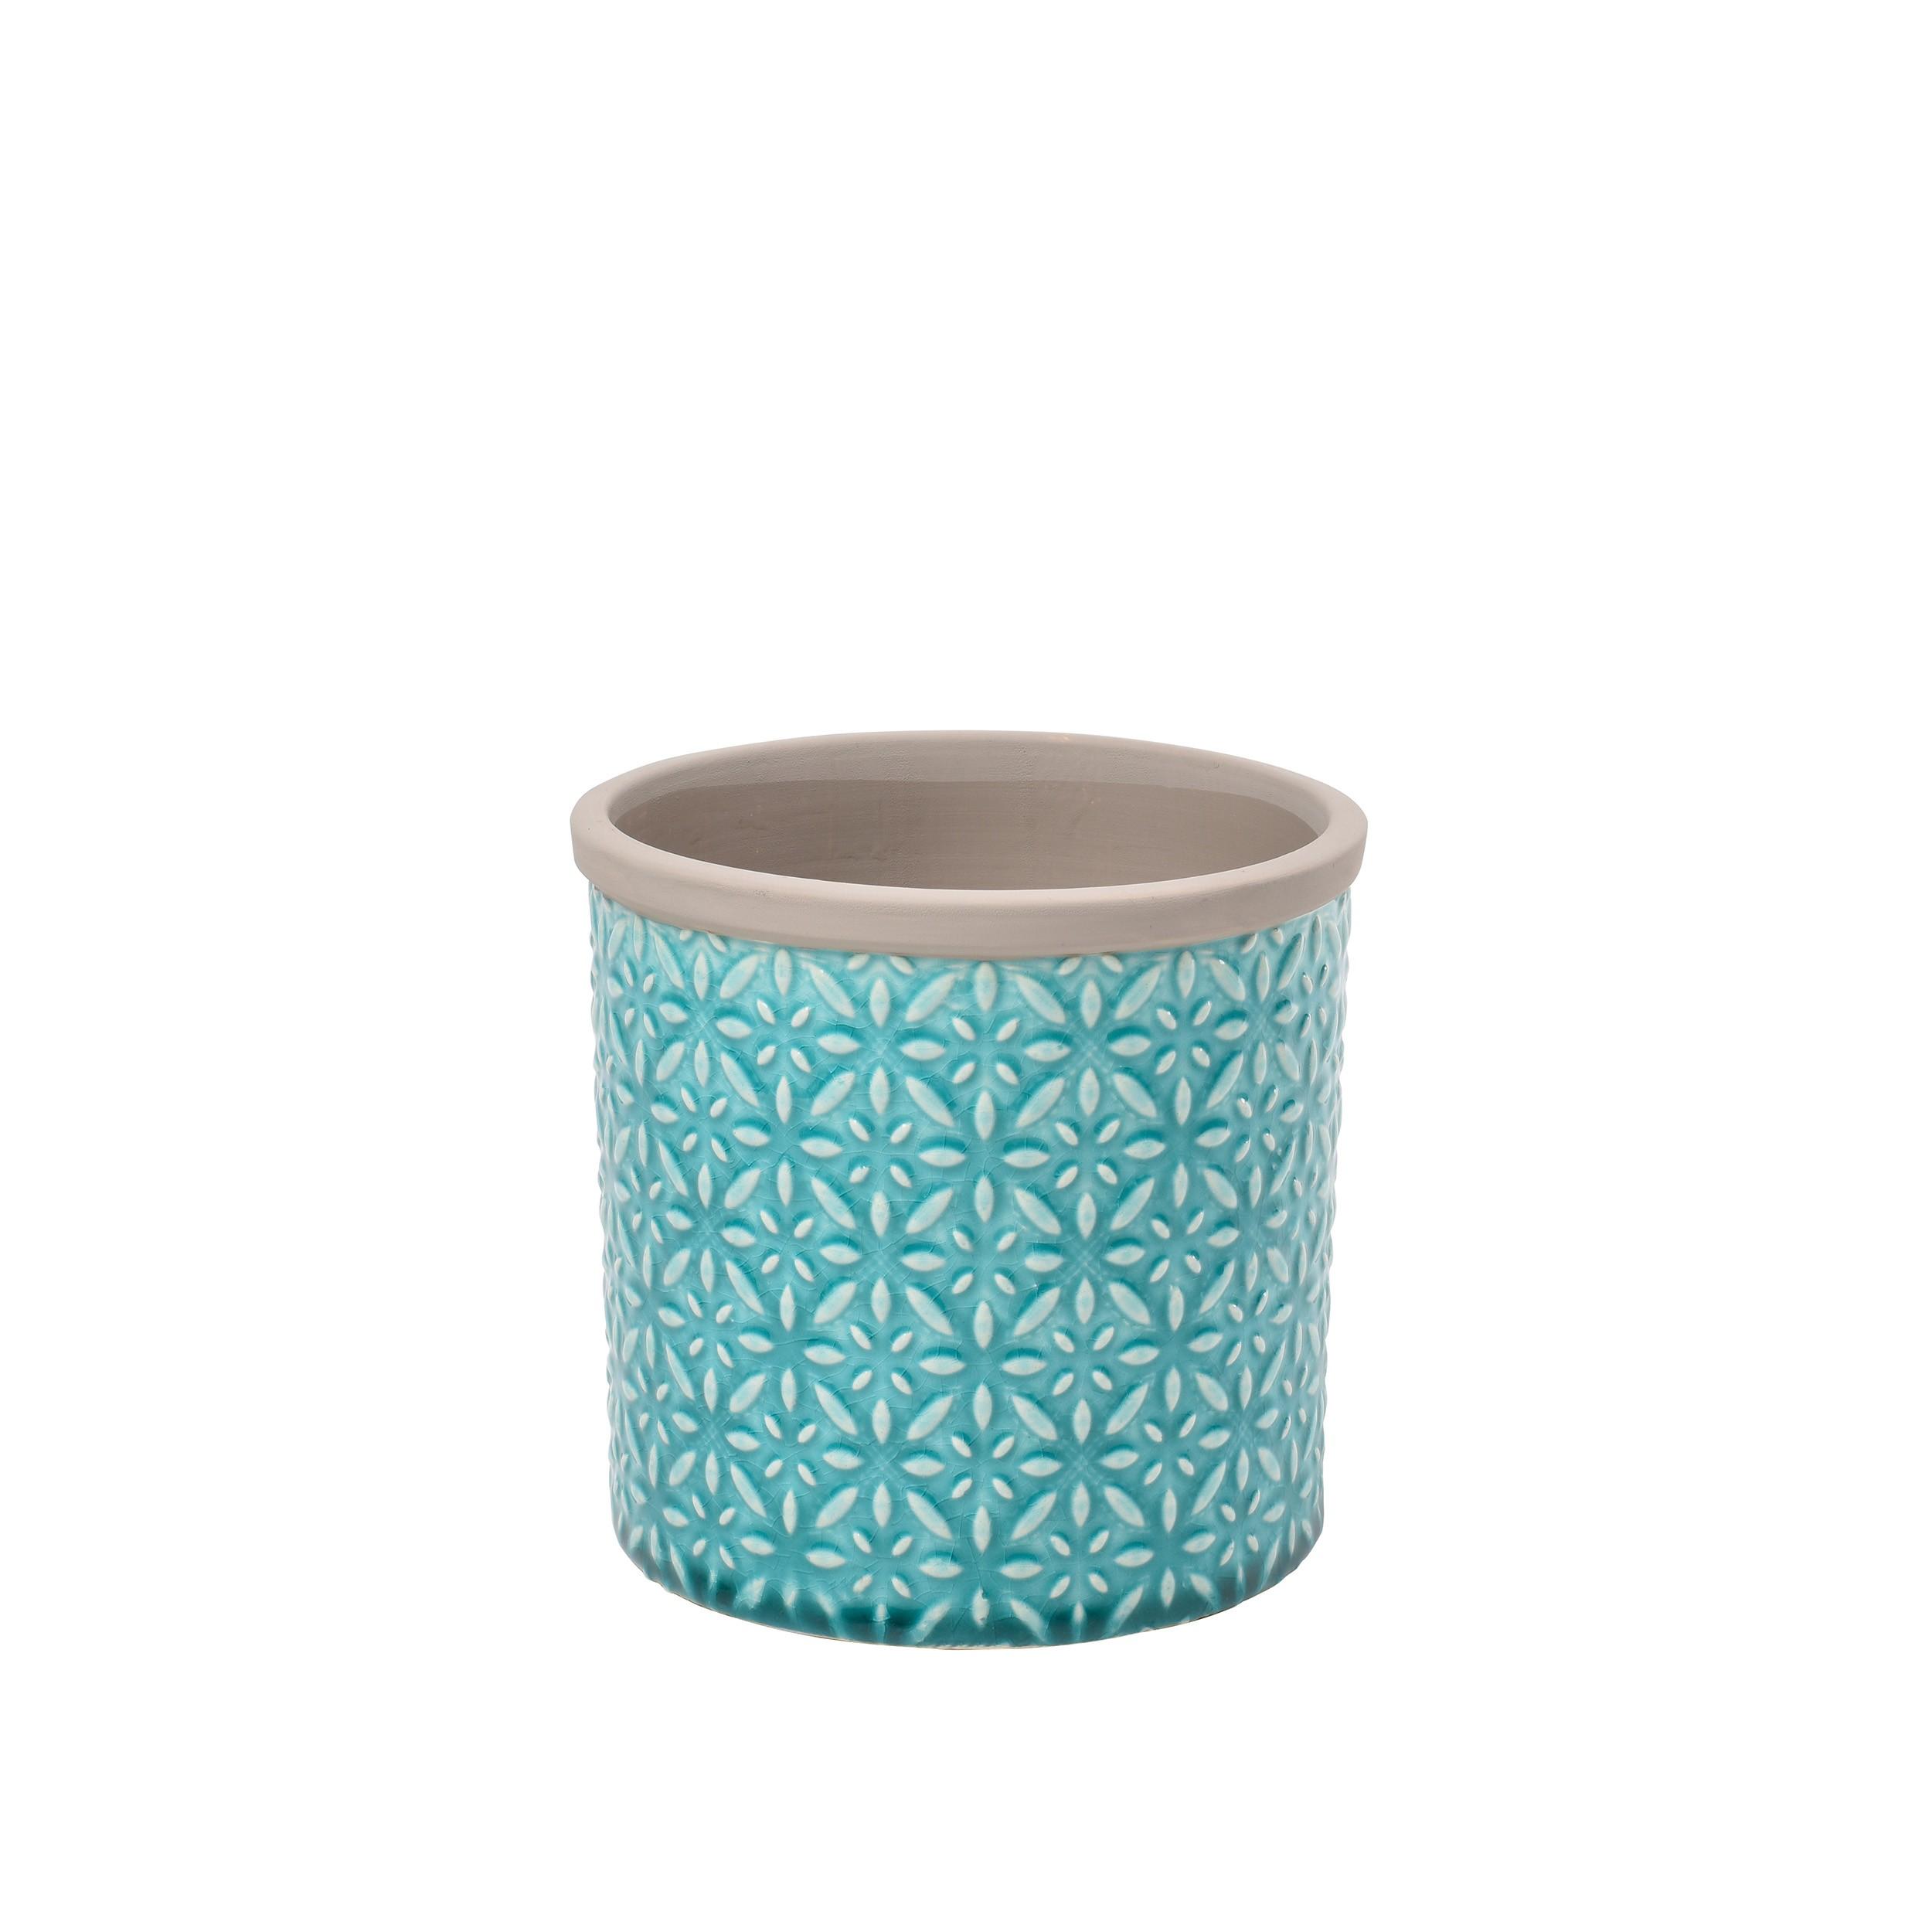 Übertopf Keramik Türkis keramik blumentopf tuscany d14cm